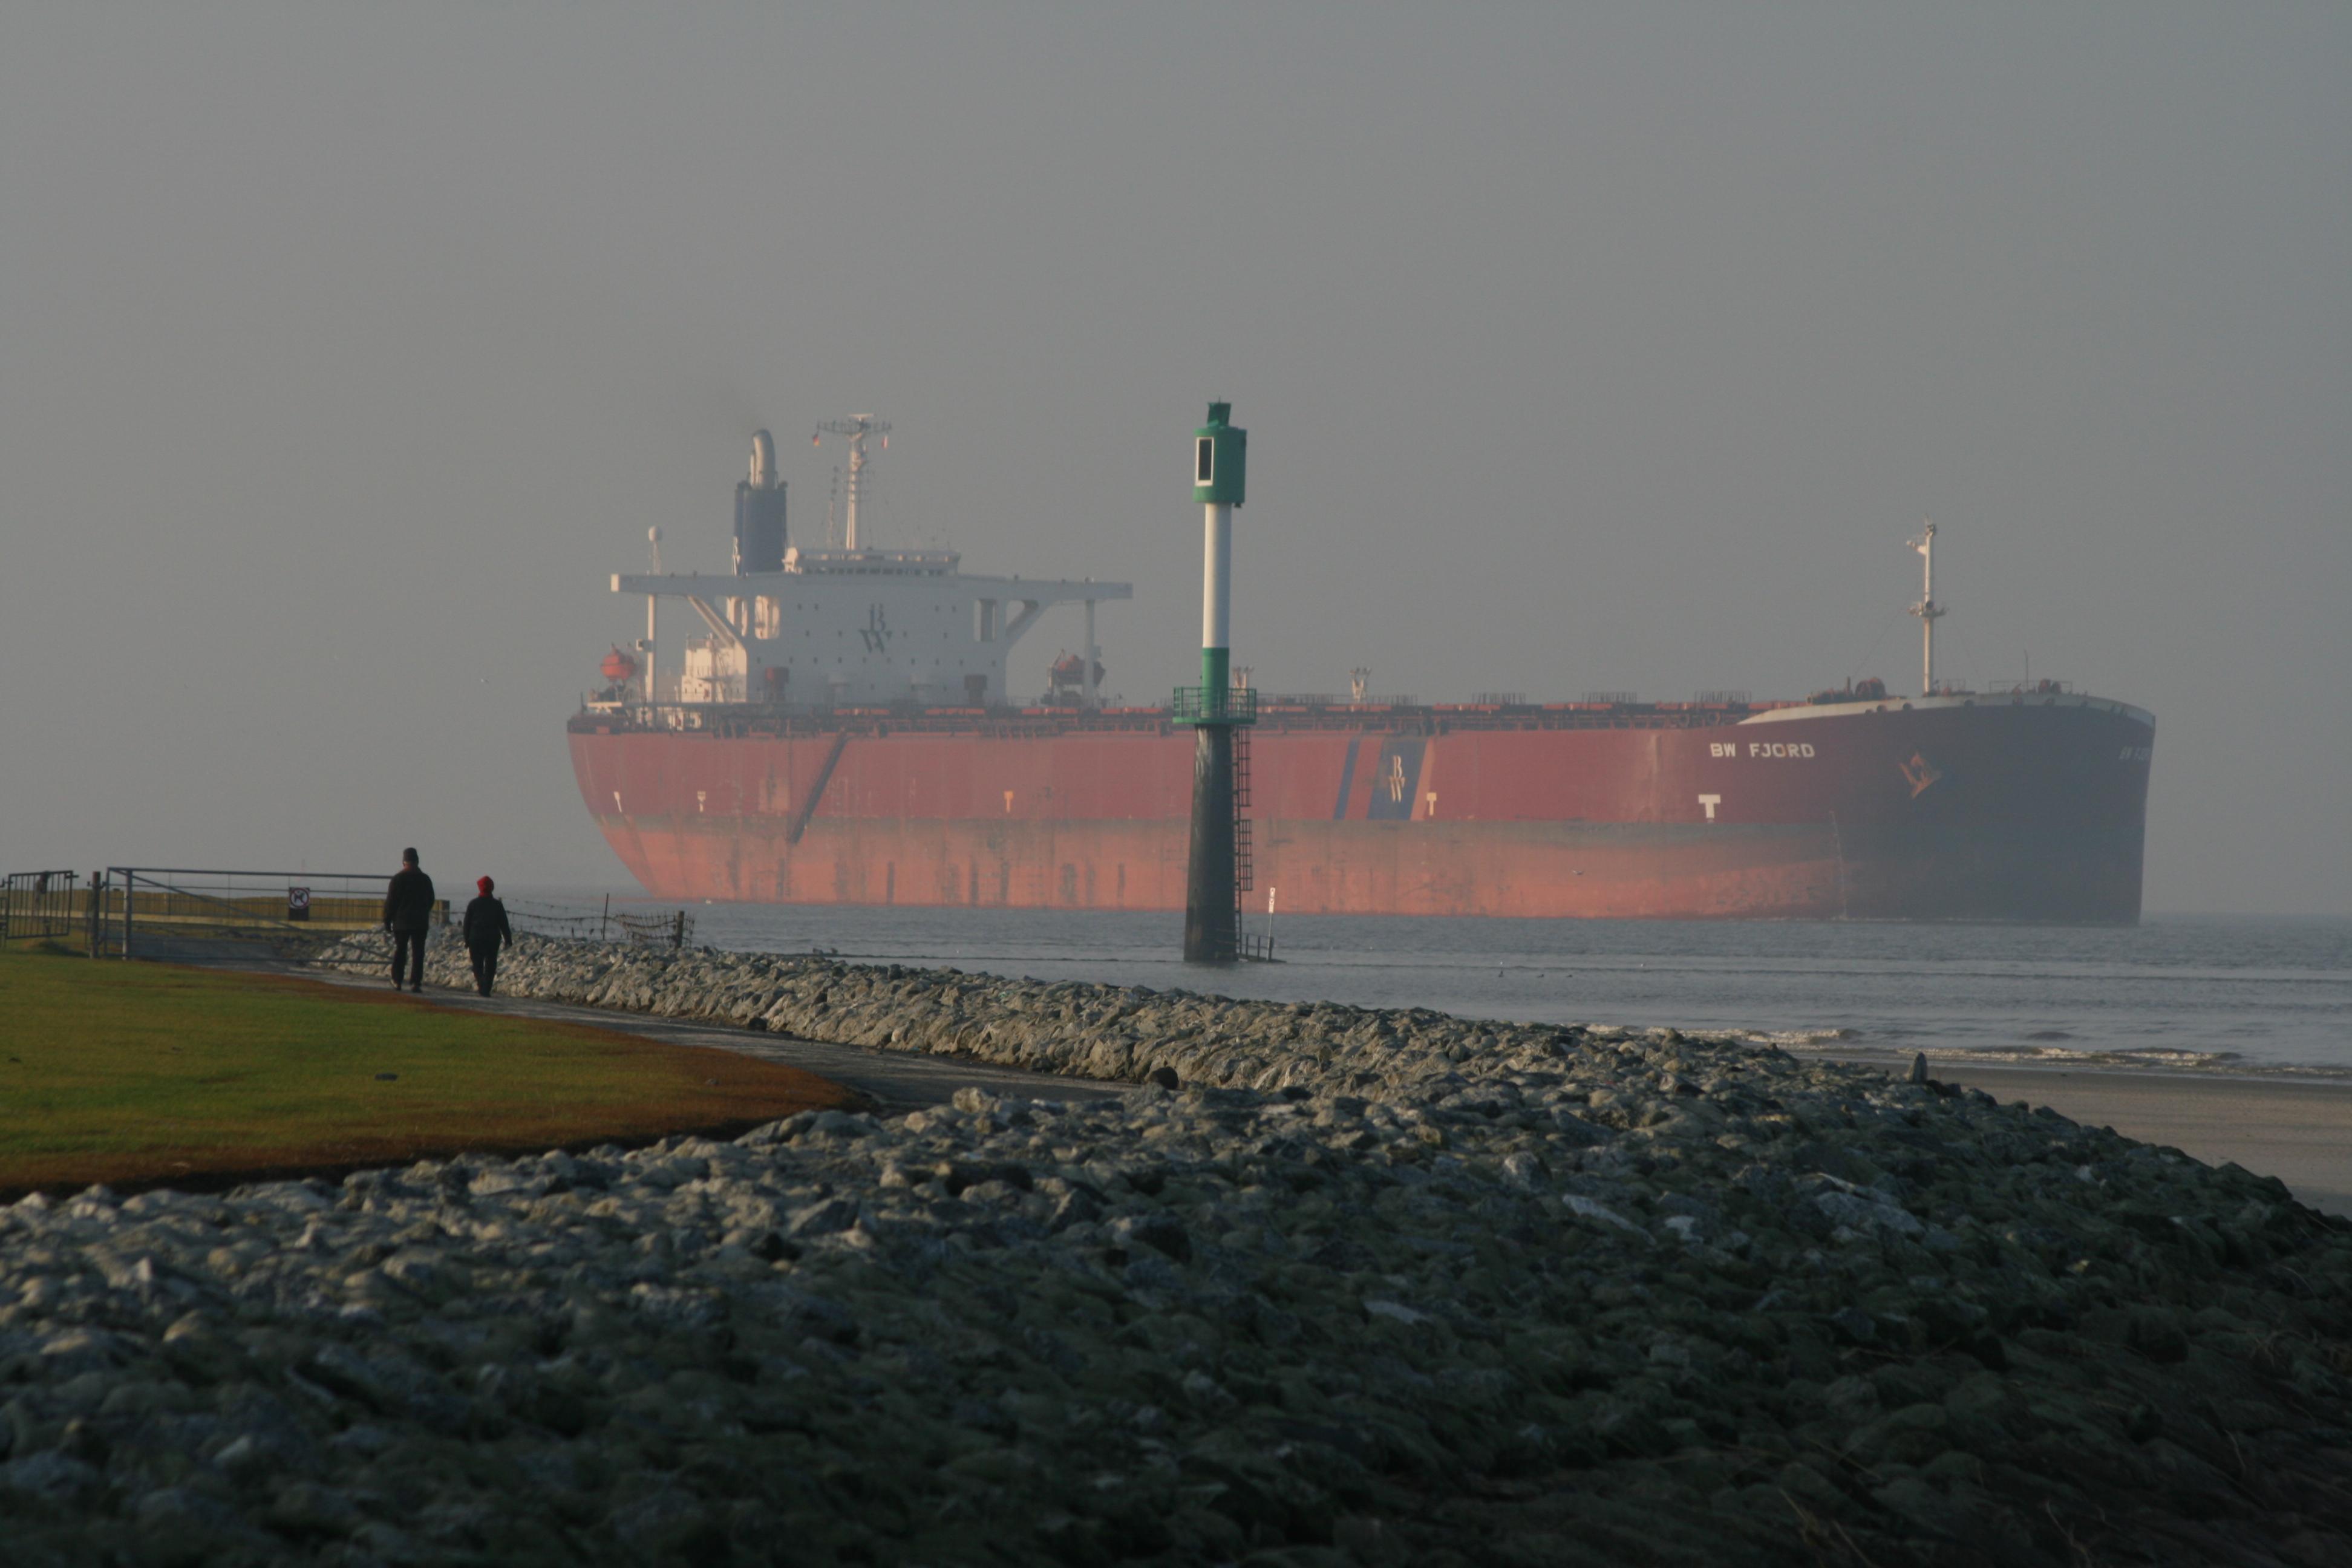 bulkcarrierroupjord